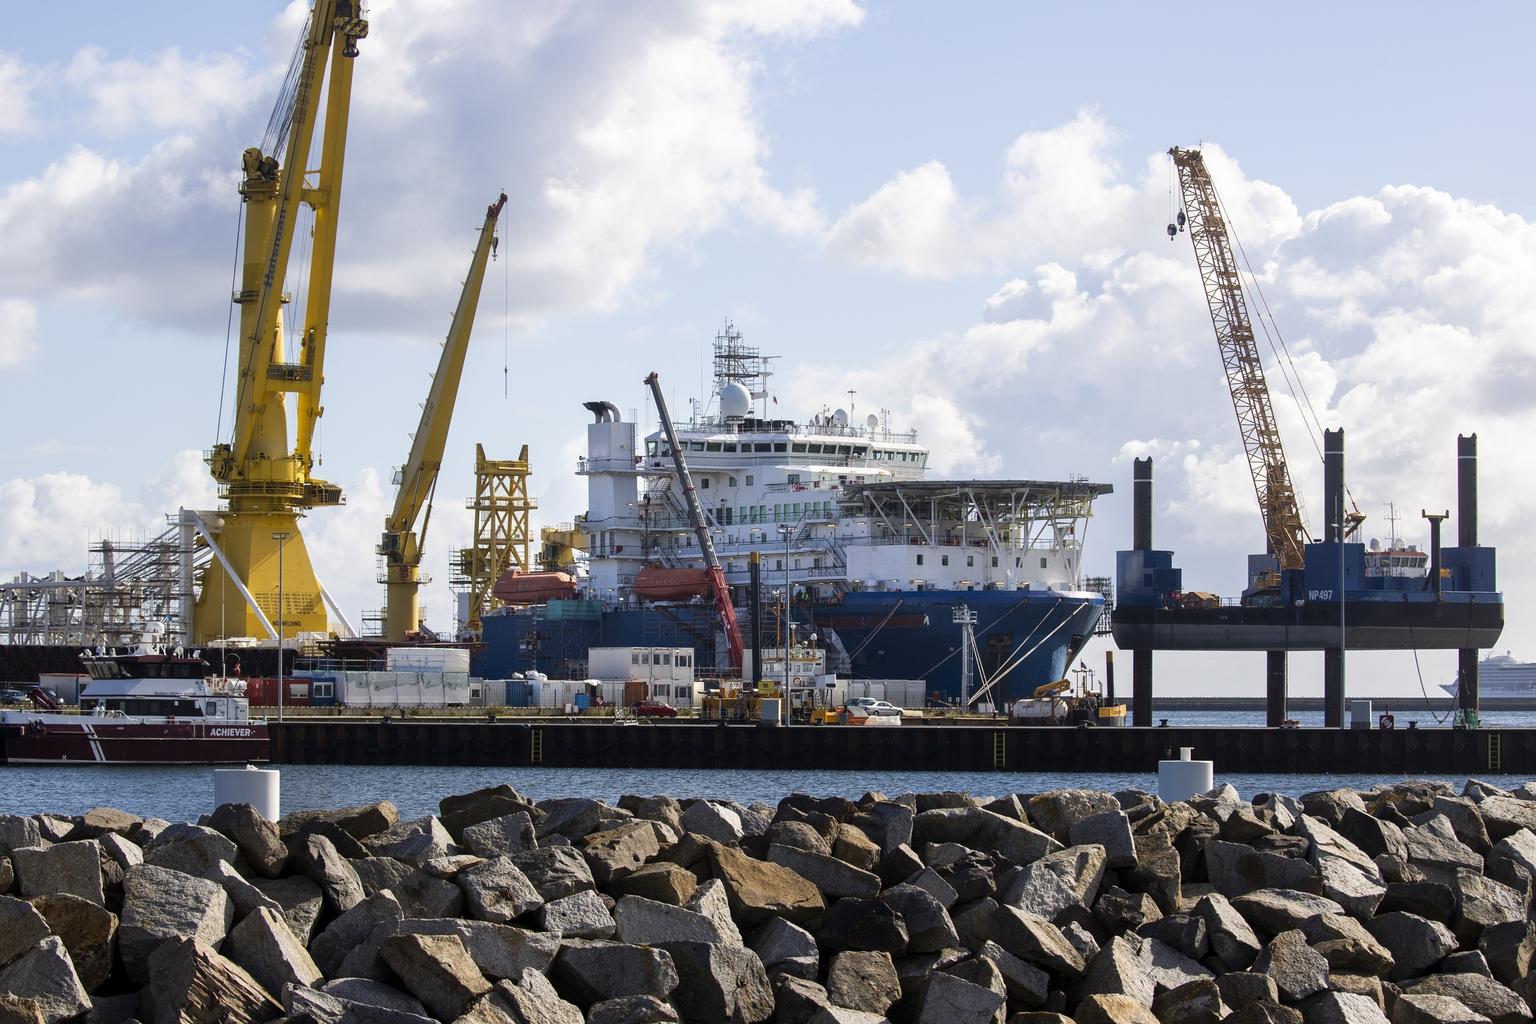 Az orosz Cserszkij akadémikusról elnevezett csőfektető hajó a sassnitz-i kikötőben, Németországban 2020. szeptember 7-én #moszkvater